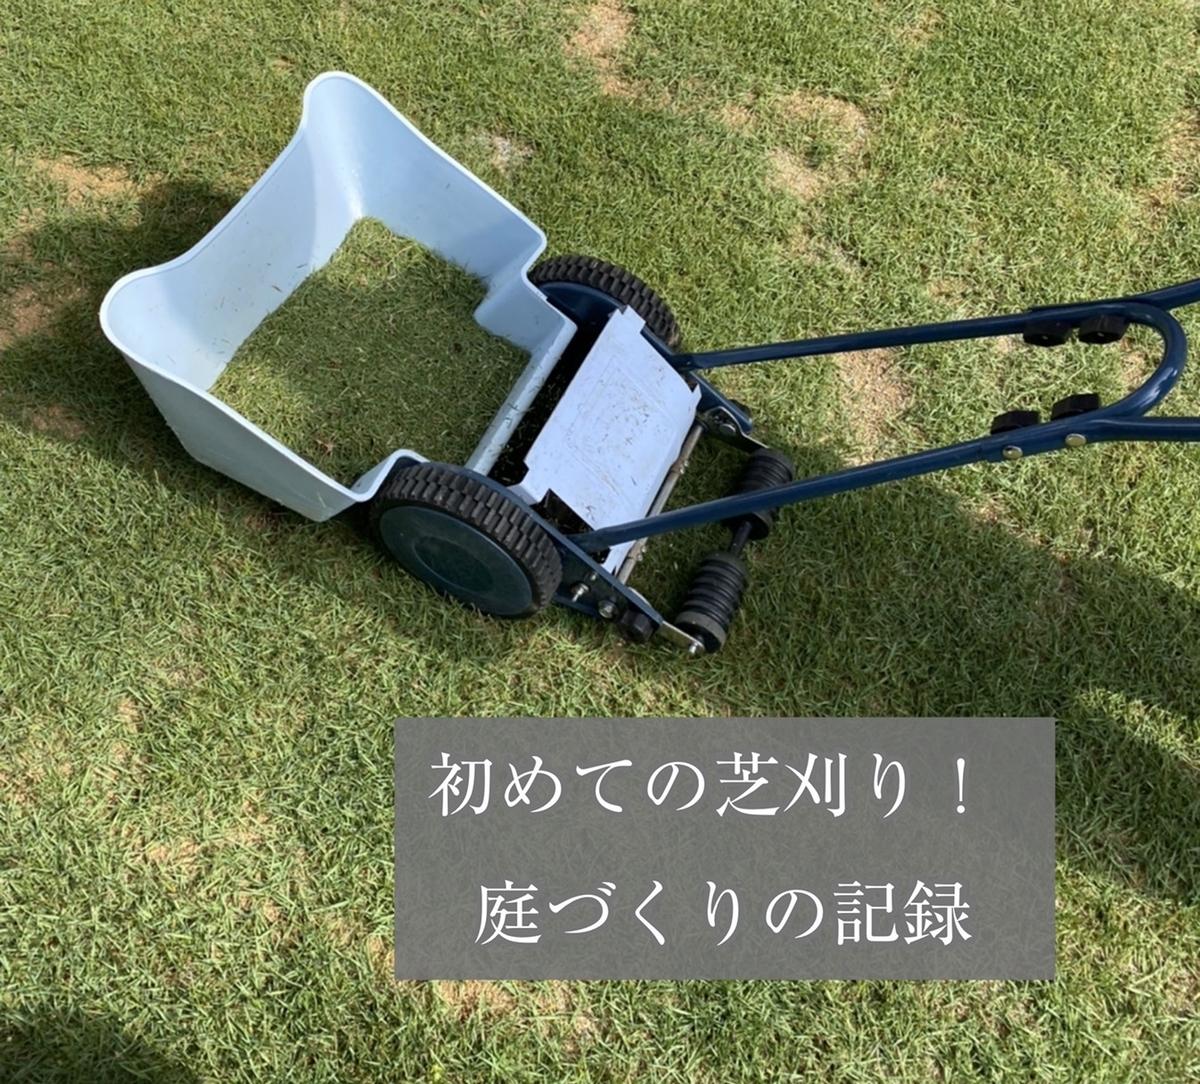 f:id:yuika_bob:20200526183801j:plain